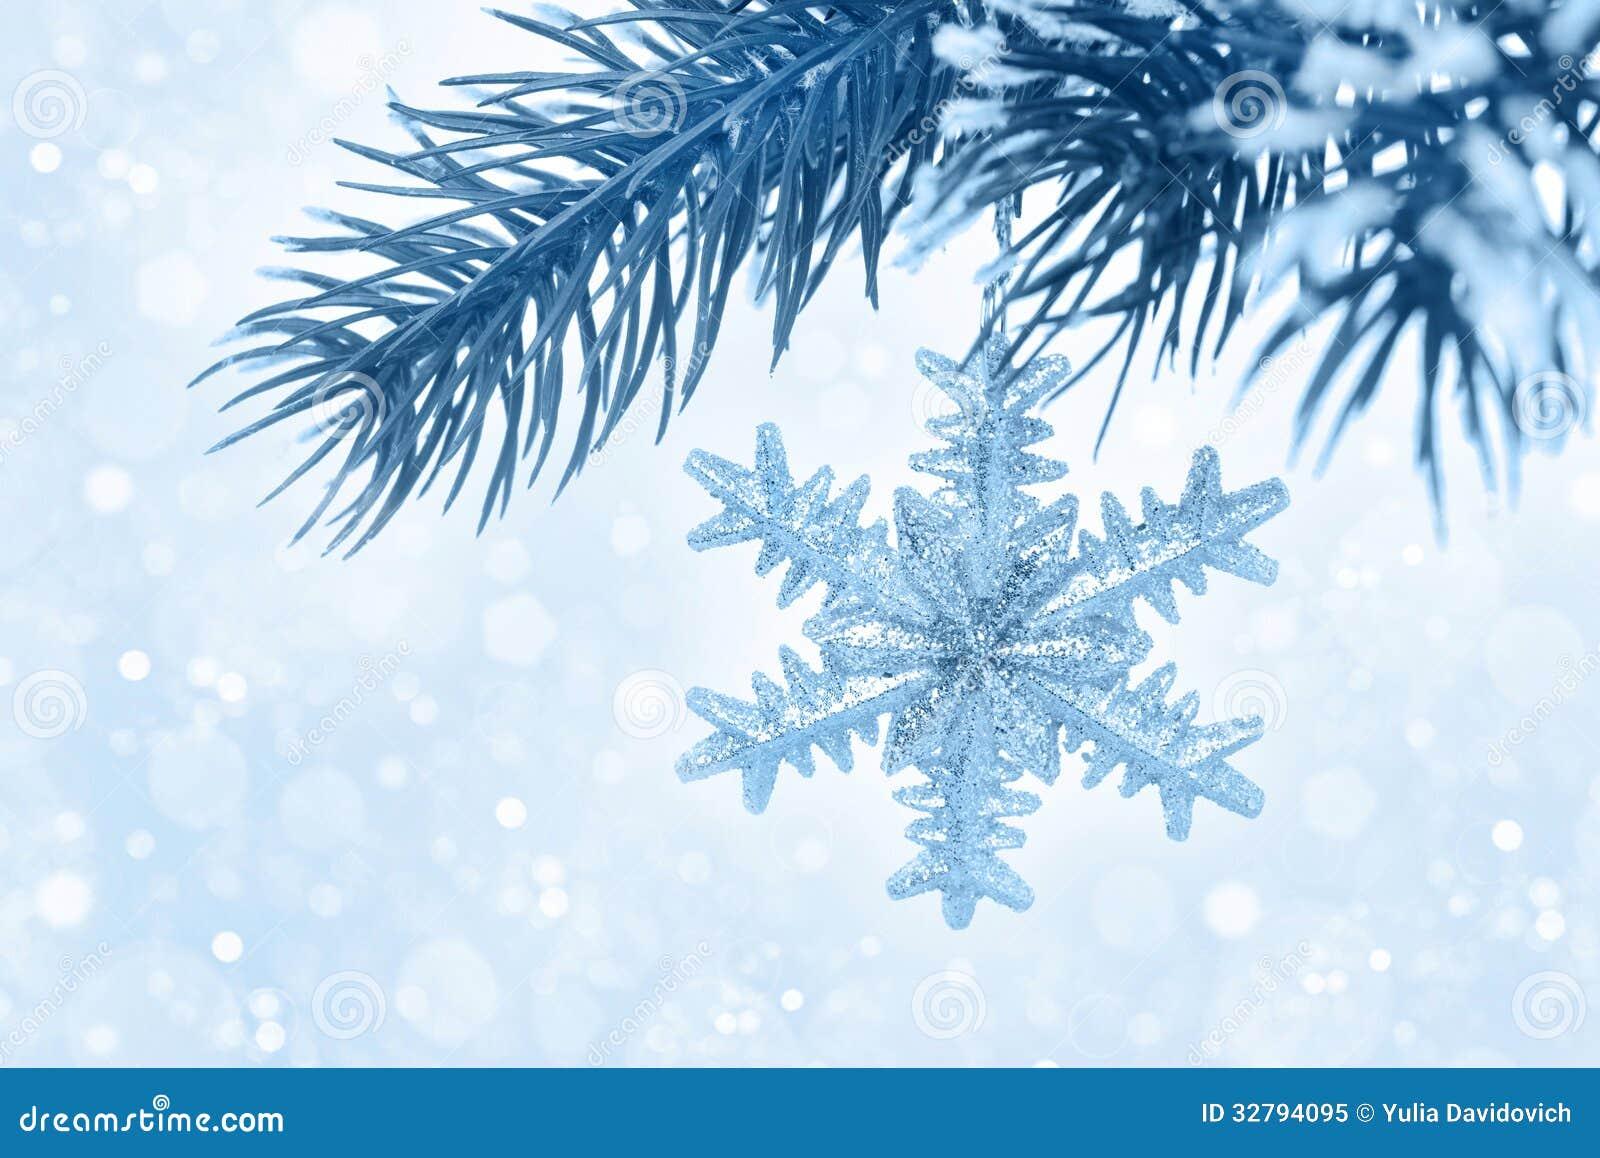 #012A51 Branche De Sapin Avec La Décoration De Noël Sur Le Fond  6371 decoration noel exterieur avec branche sapin 1300x958 px @ aertt.com